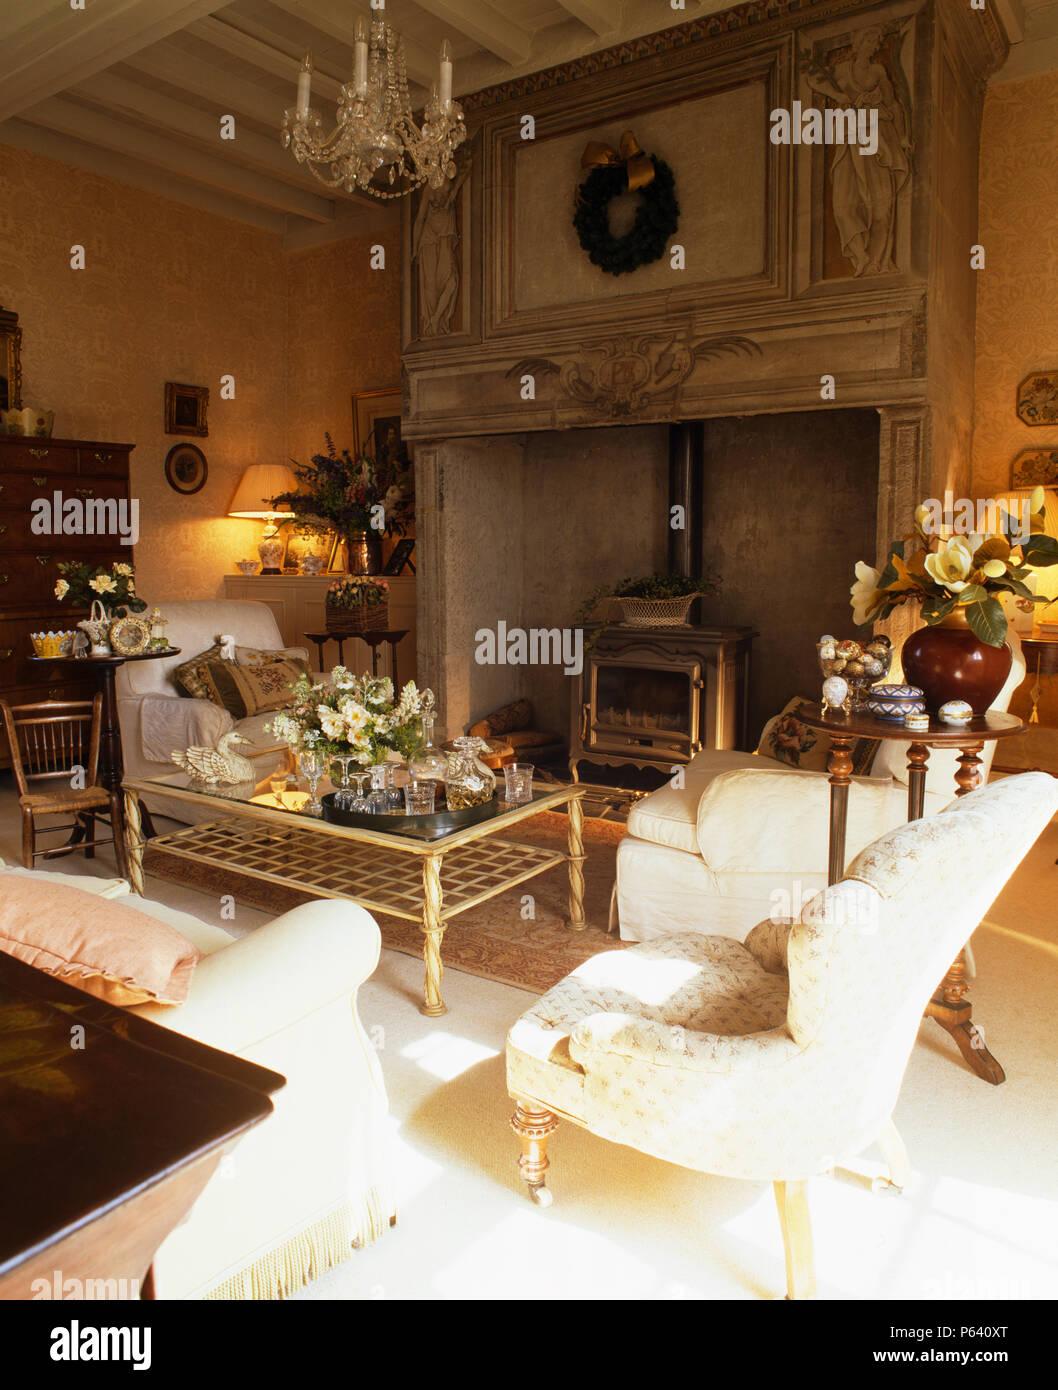 Cremefarbene Sessel Und Sofas Im Franzosischen Landhausstil